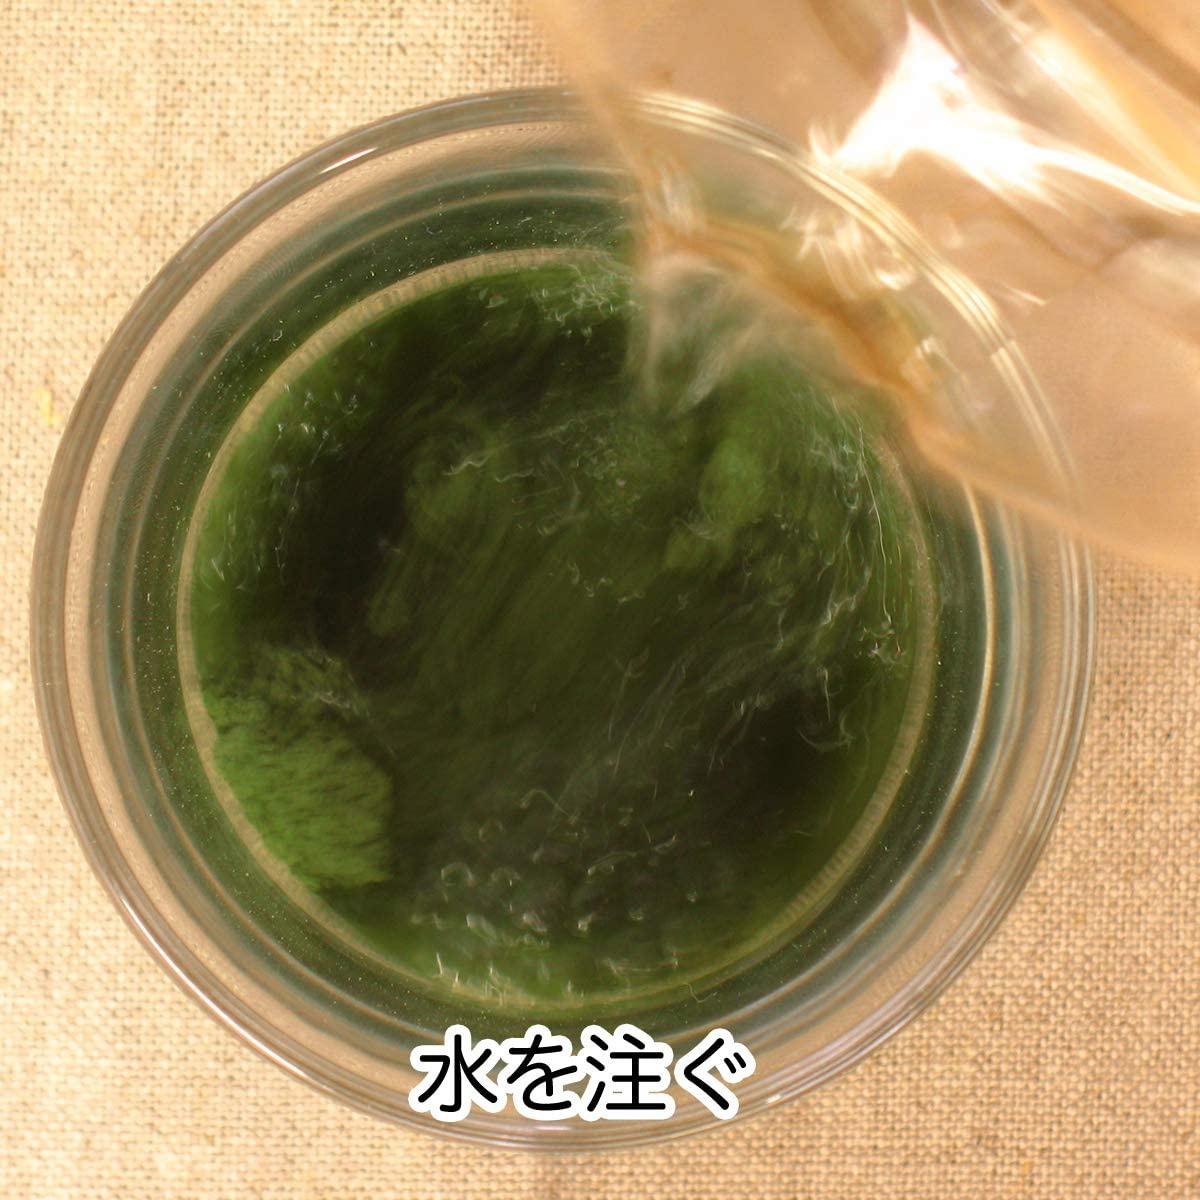 自然健康社 国産よもぎ粉末の商品画像5